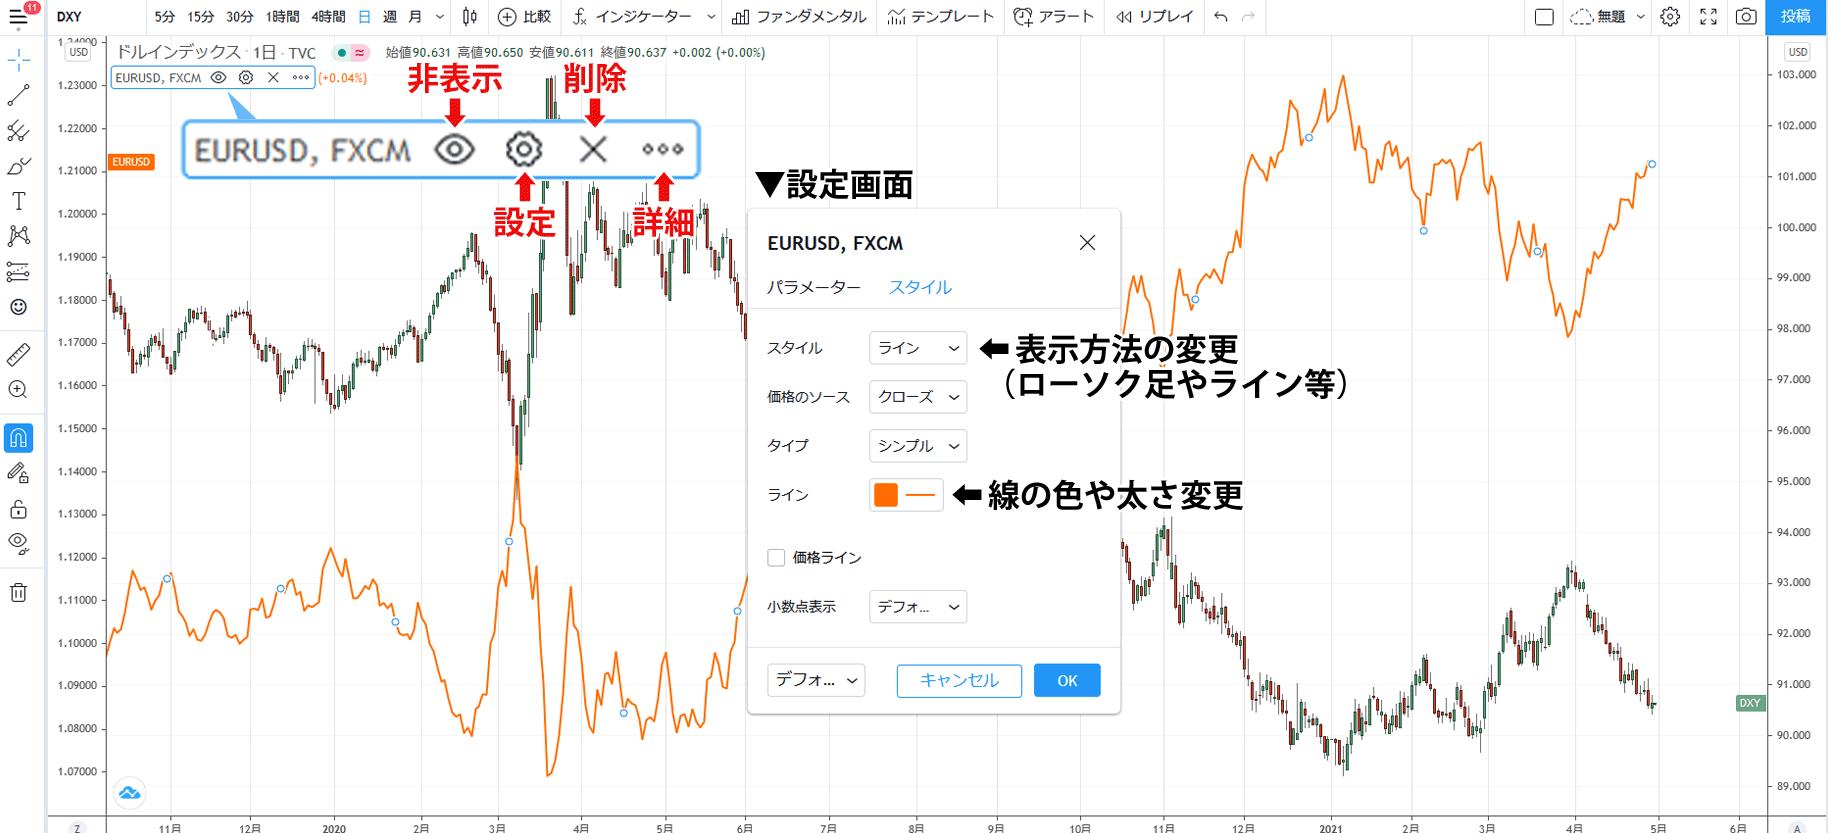 比較チャートで追加した通貨ペアの表示に関する調整